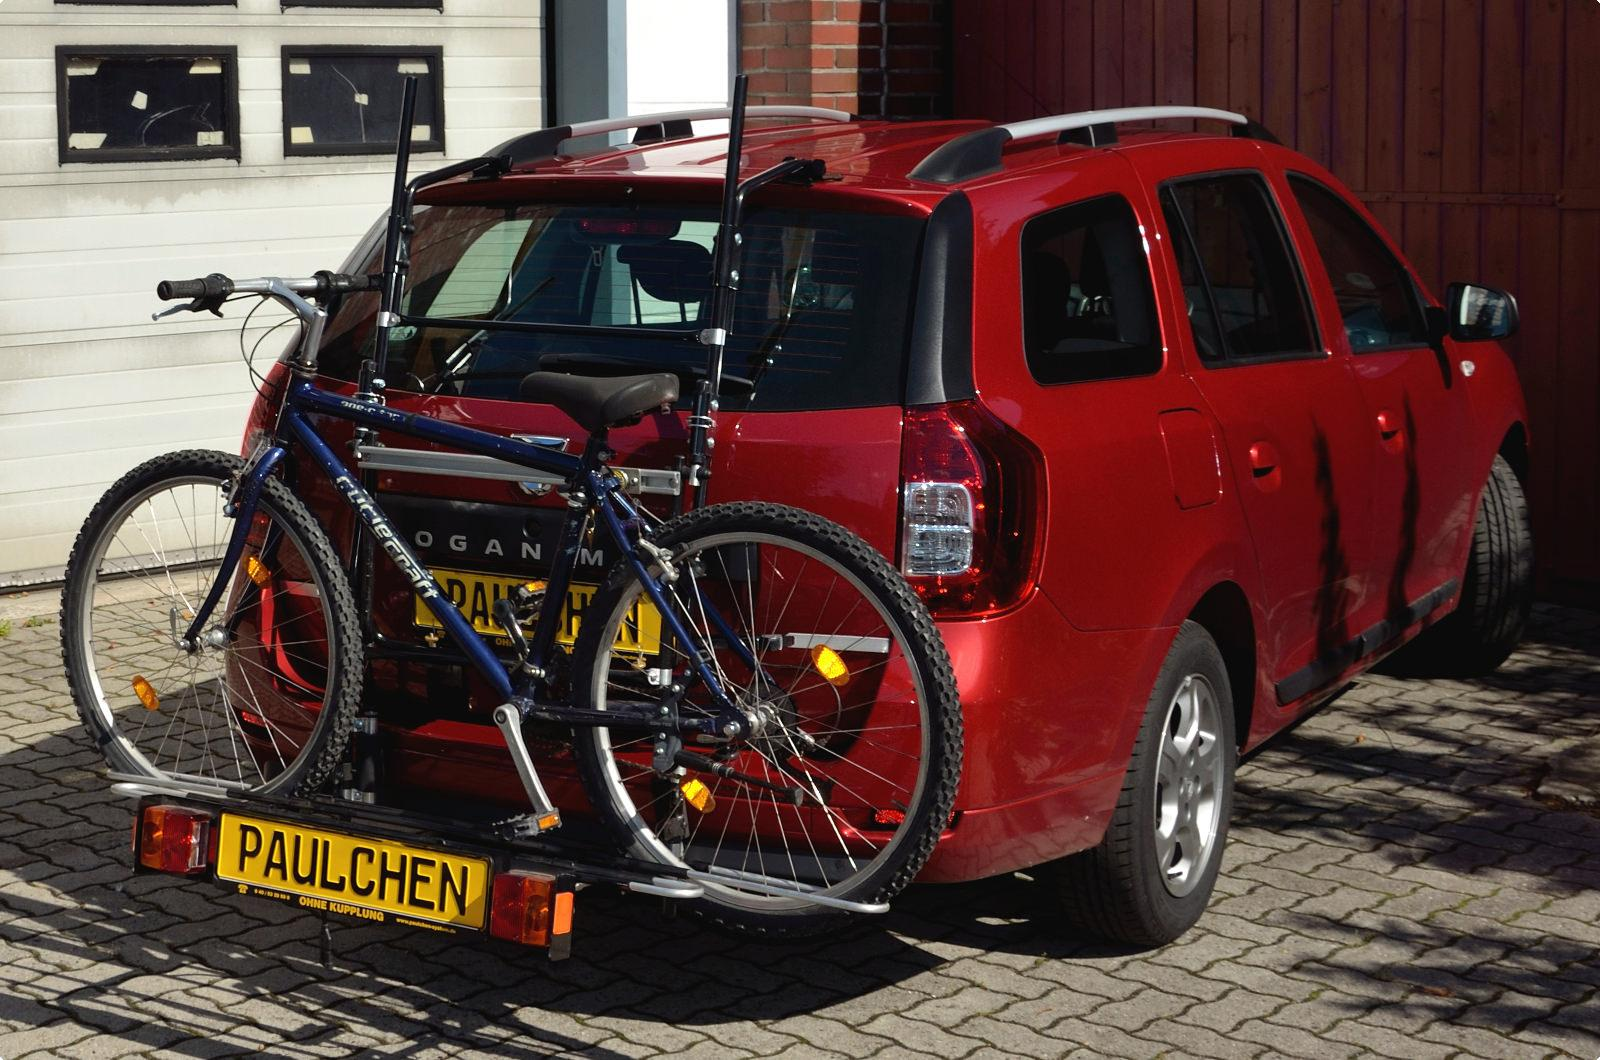 ab 2013 Fahrradträger Heckklappe für 3 Fahrräder Heckträger Dacia Logan MCV Bj